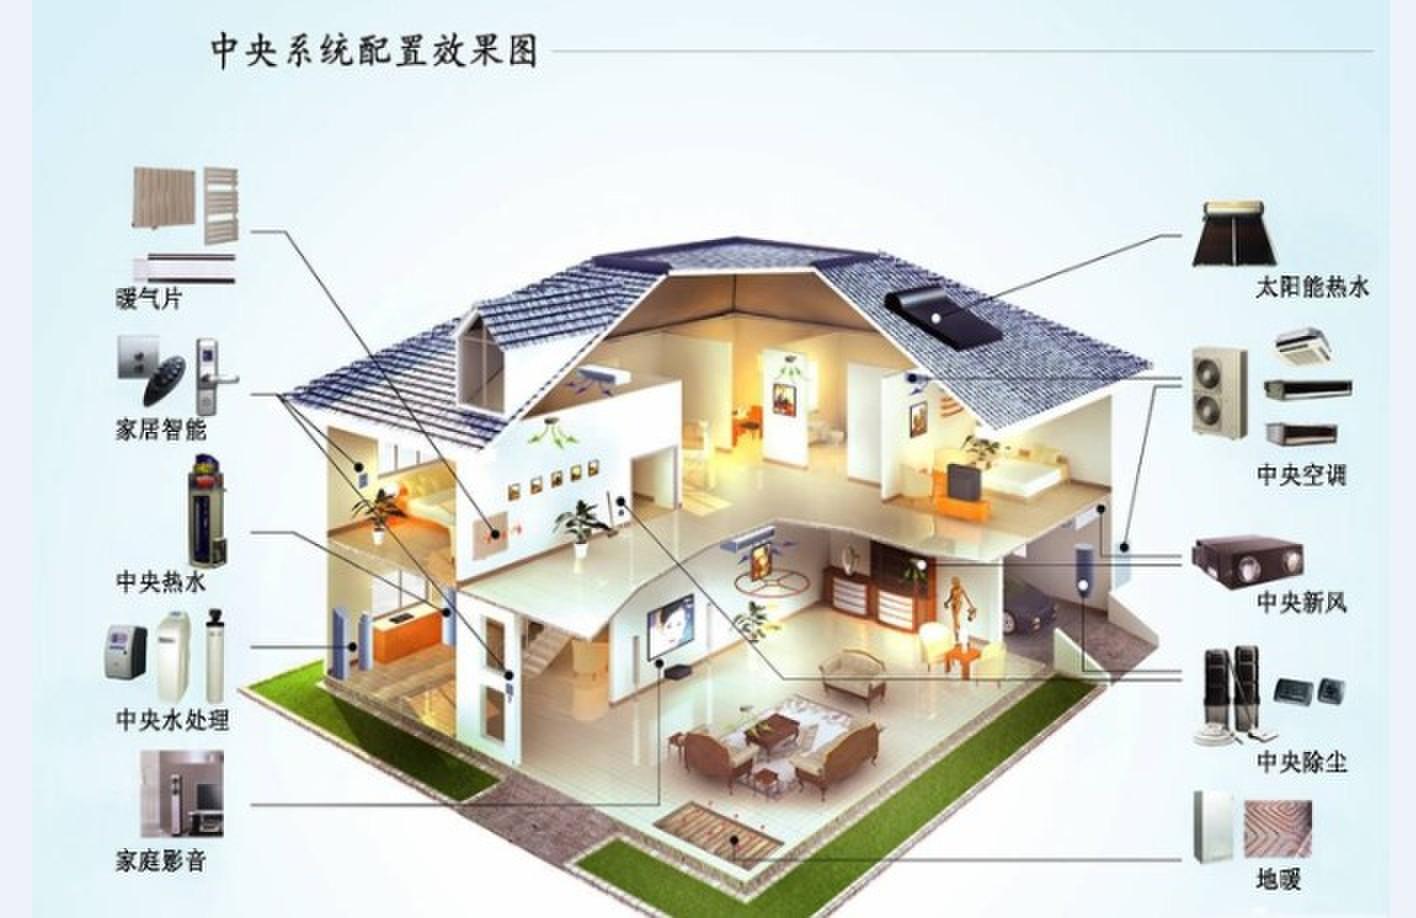 智能家居系统方案—别墅智能家居系统方案内容